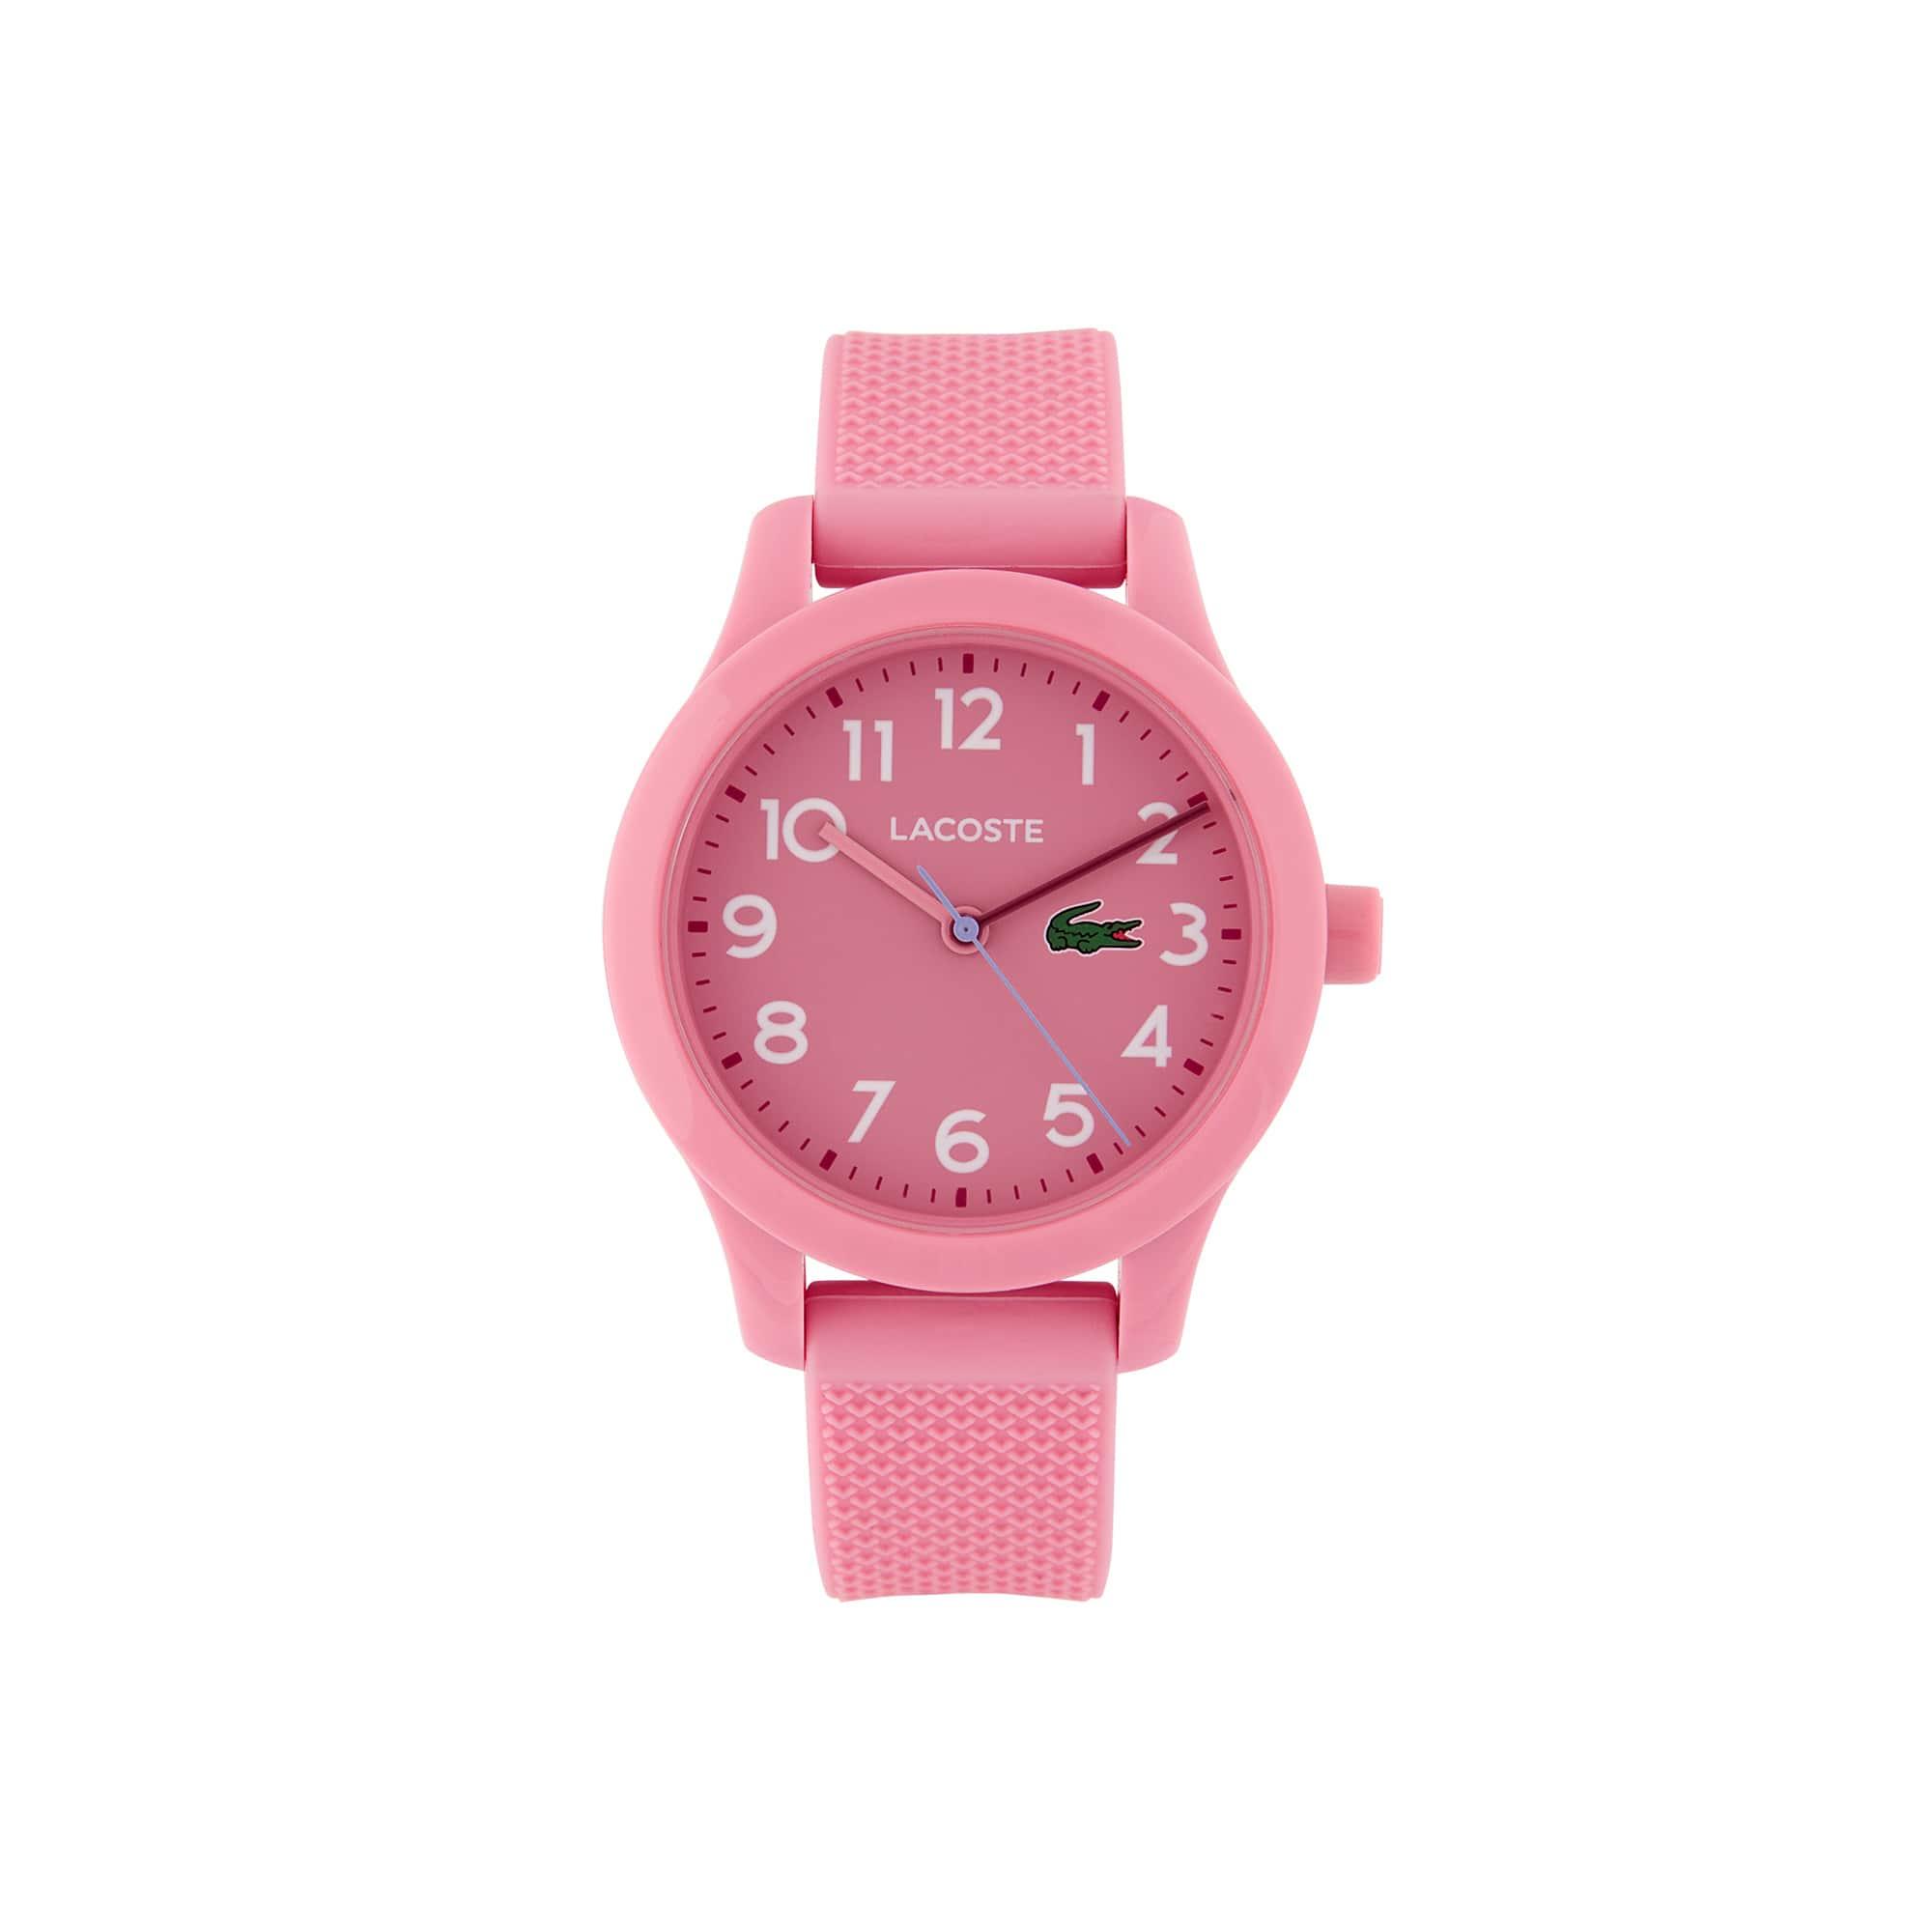 Relógio Lacoste 12.12 Criança com Bracelete em Silicone Rosa